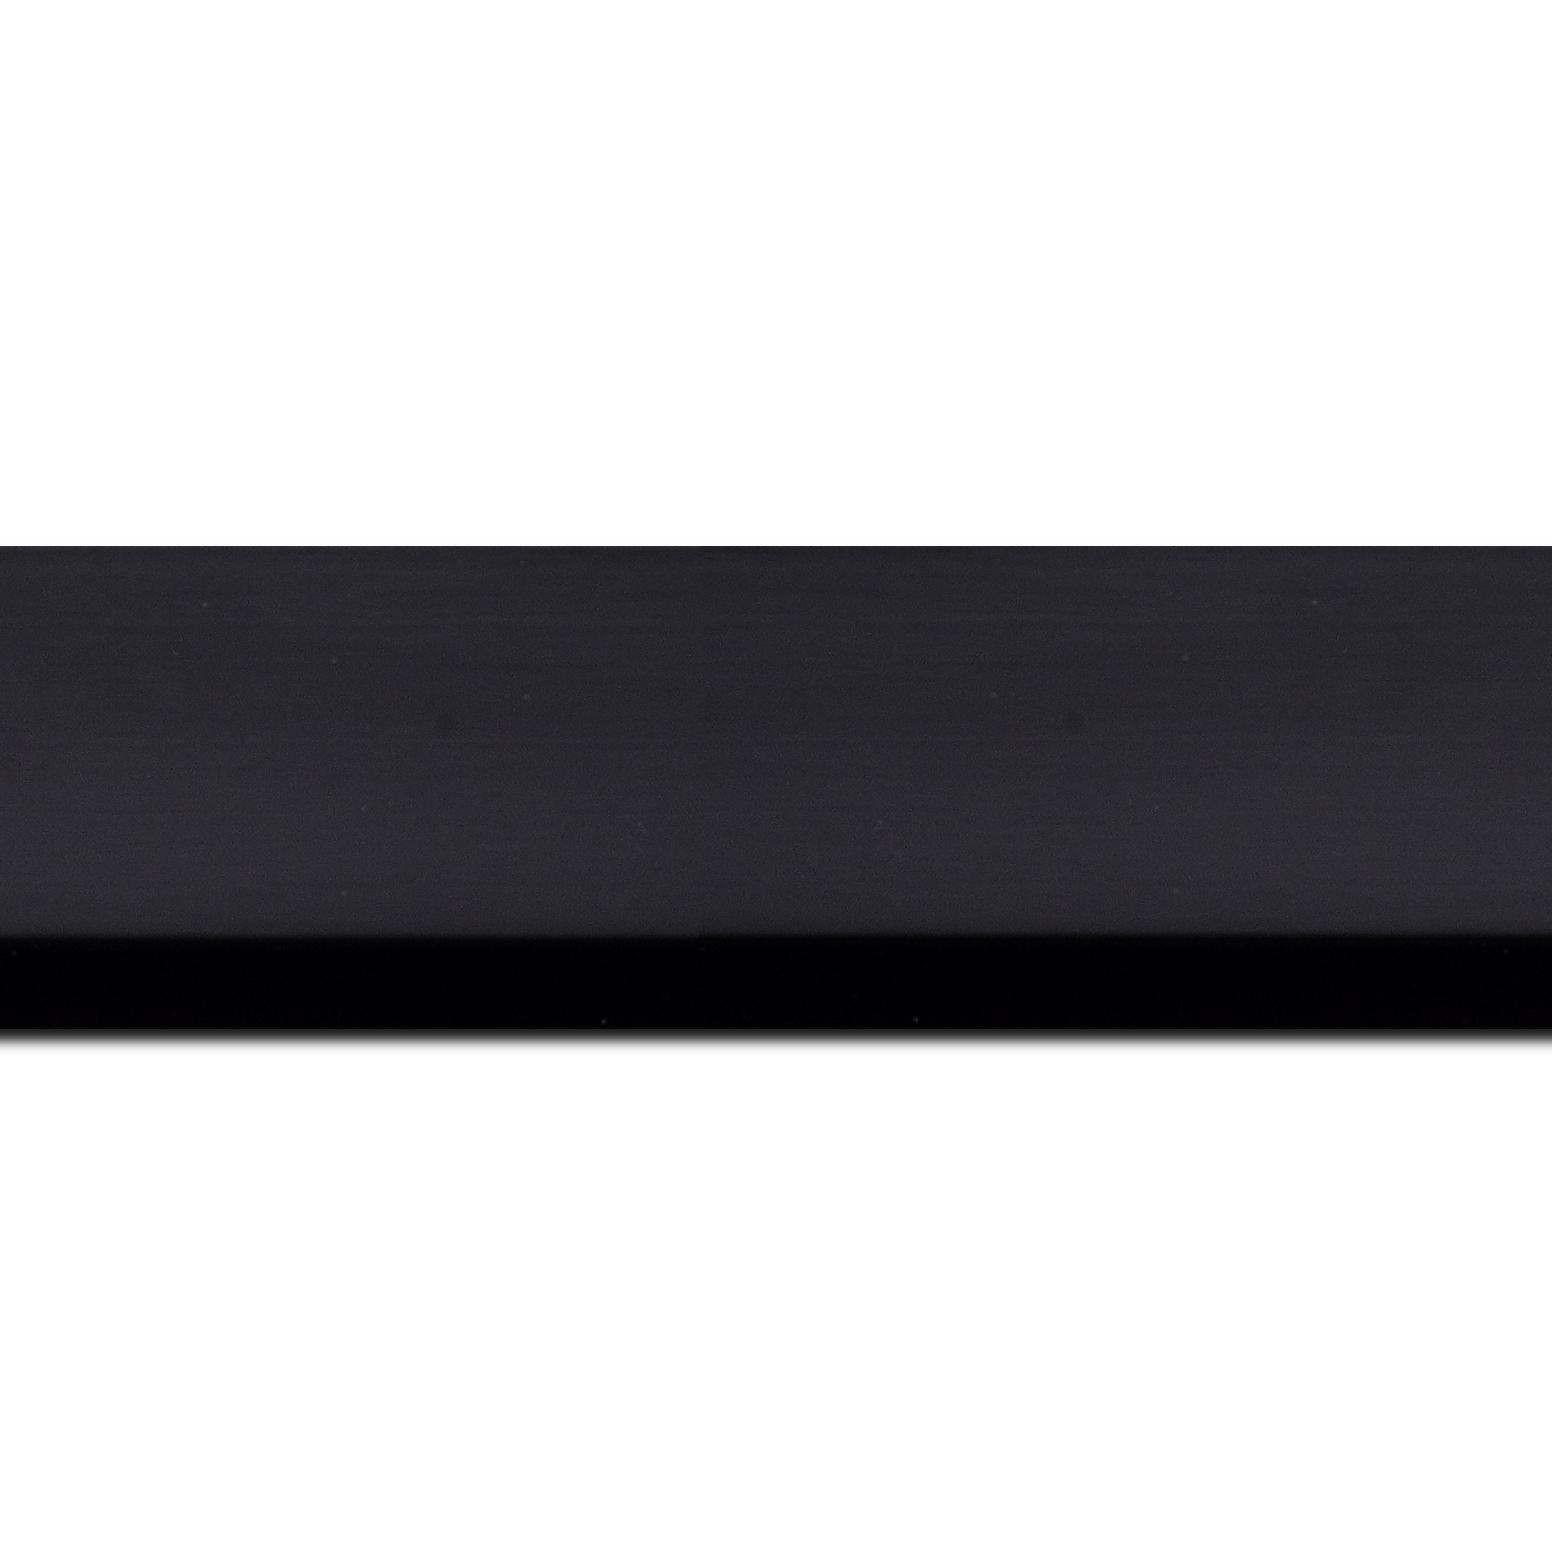 Pack par 12m, bois profil cocotte largeur 5.1cm couleur noir satiné (longueur baguette pouvant varier entre 2.40m et 3m selon arrivage des bois)